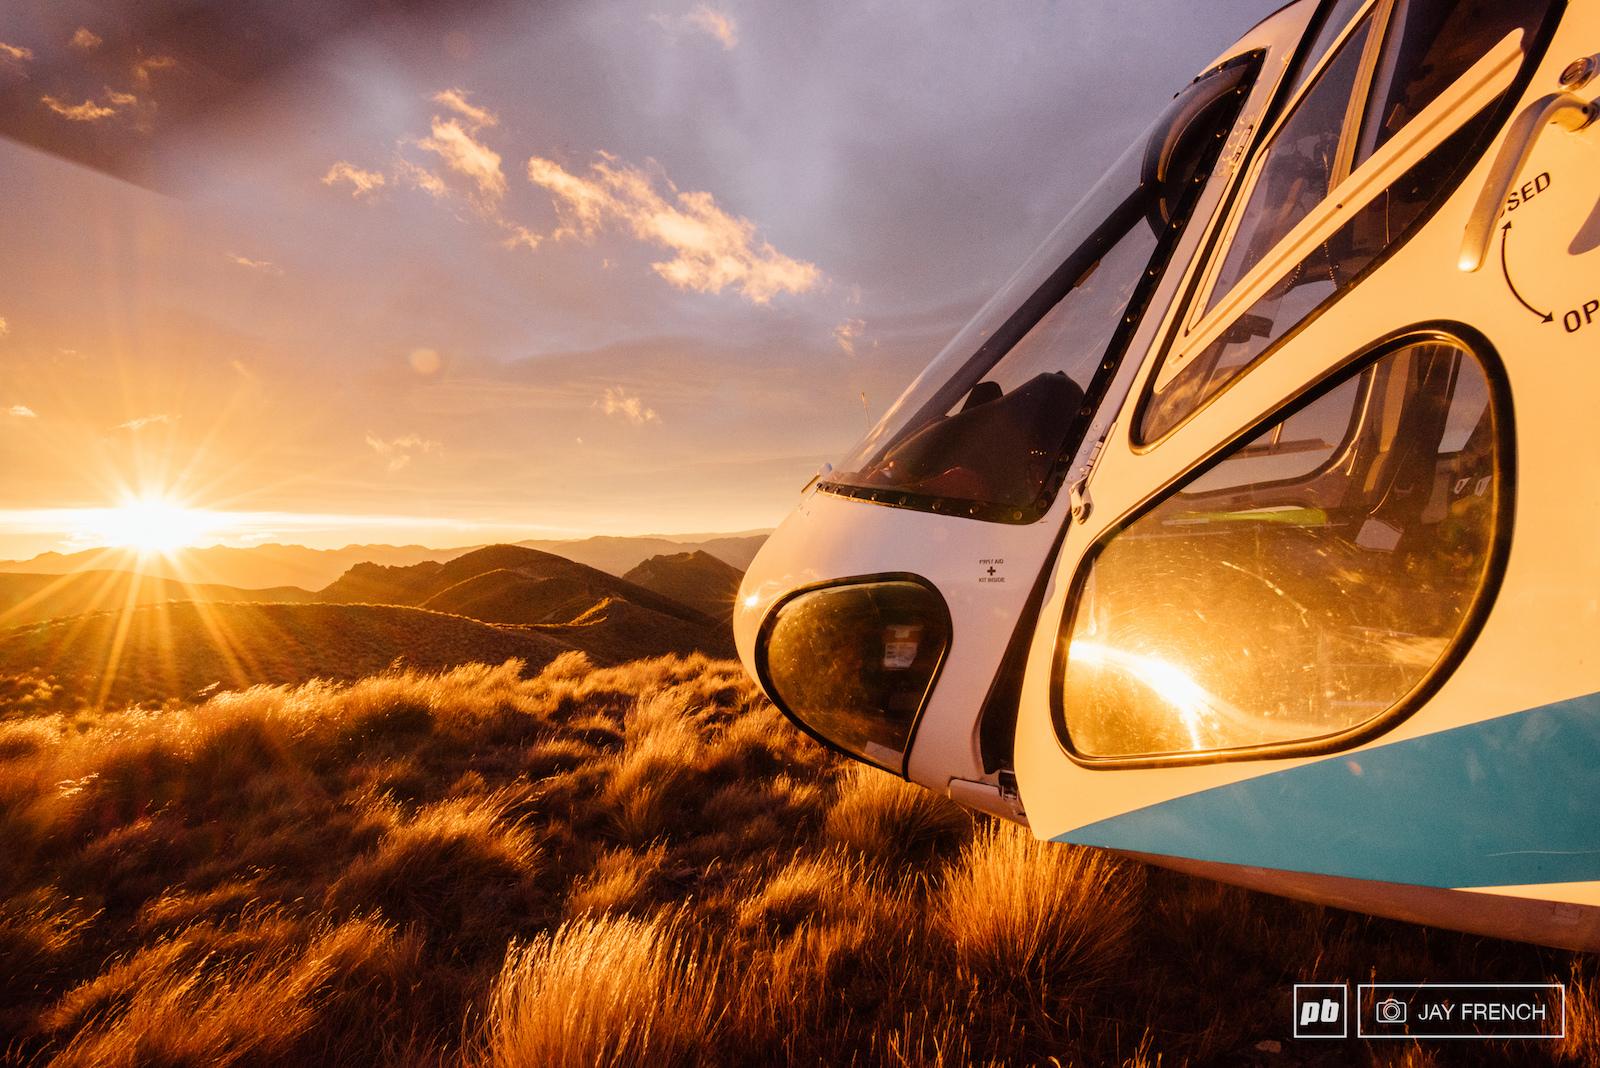 Classic hilltop heli sunrise shot.